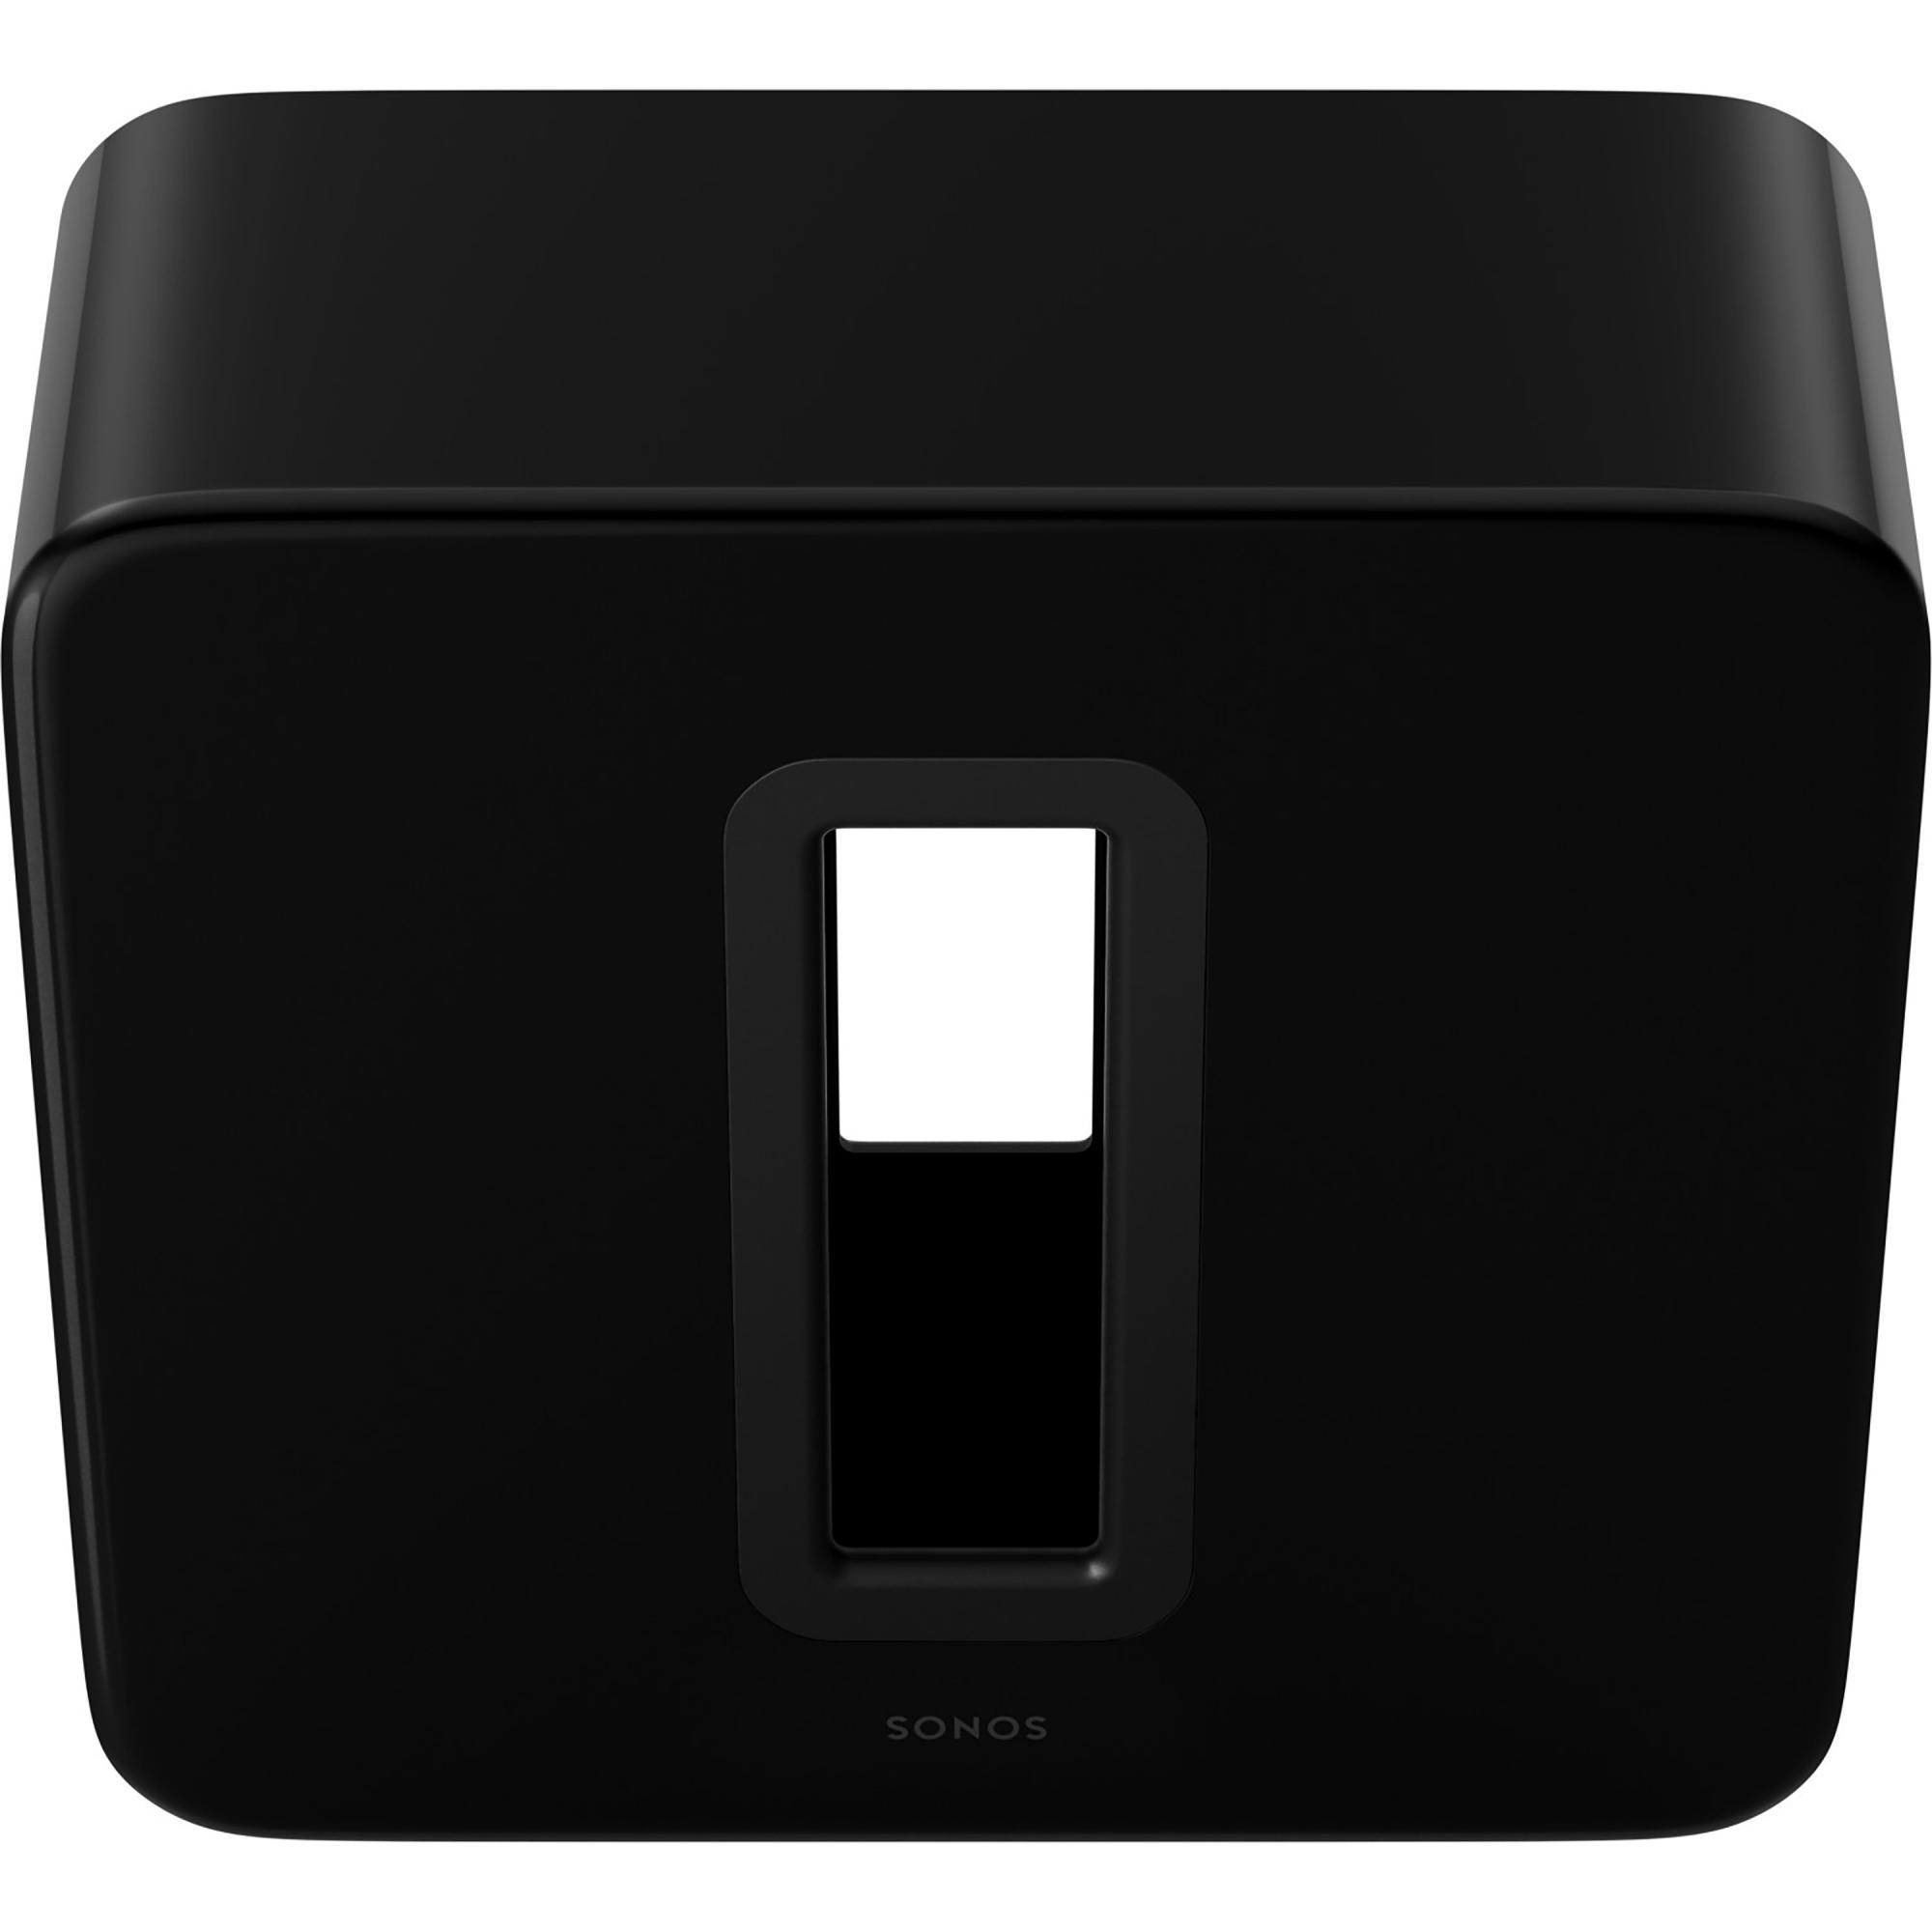 Sonos Sub (Gen 3) Wireless Subwoofer Preto